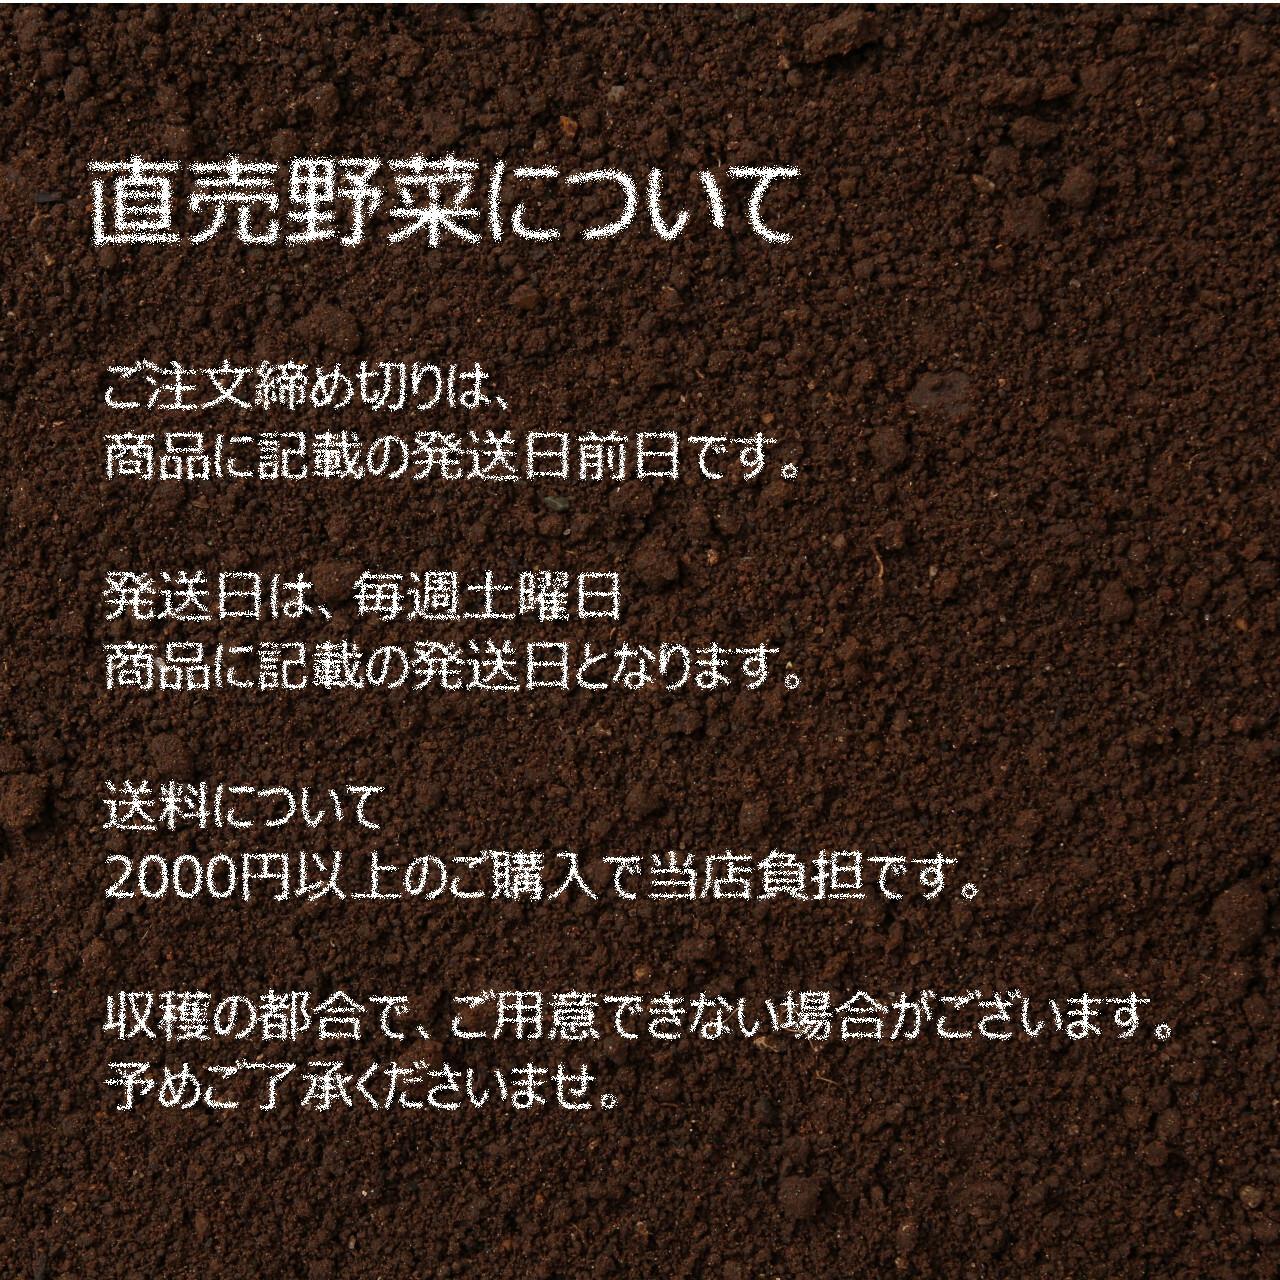 7月の新鮮野菜 : スナップエンドウ 約300g 朝採り直売野菜 7月4日発送予定